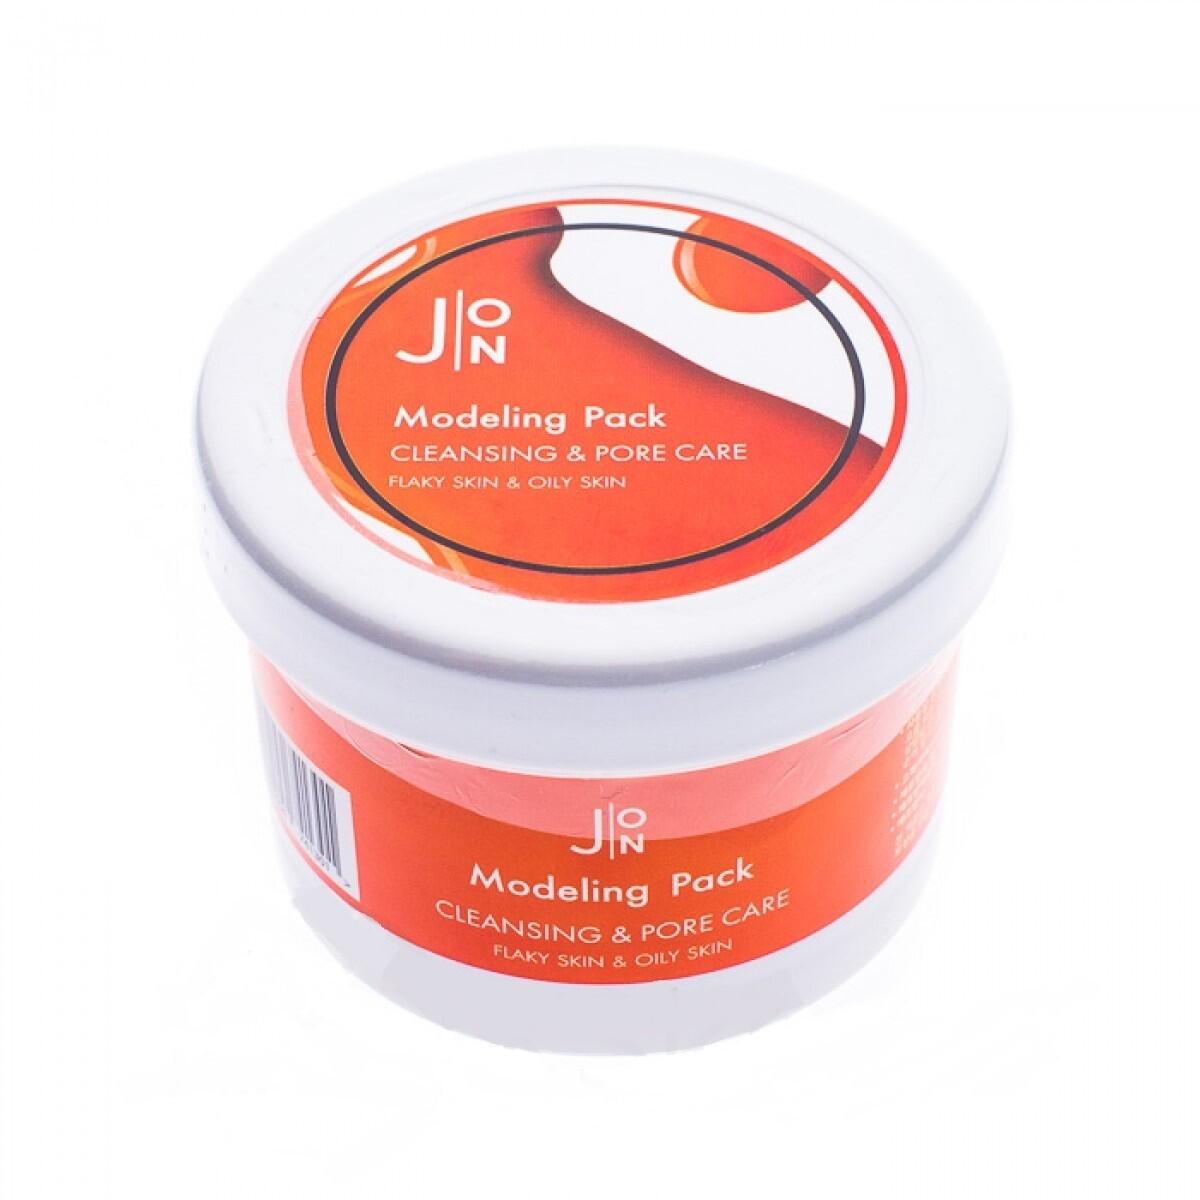 Альгинатная маска J:ON Cleansing & Pore Care Modeling Pack 18 мл